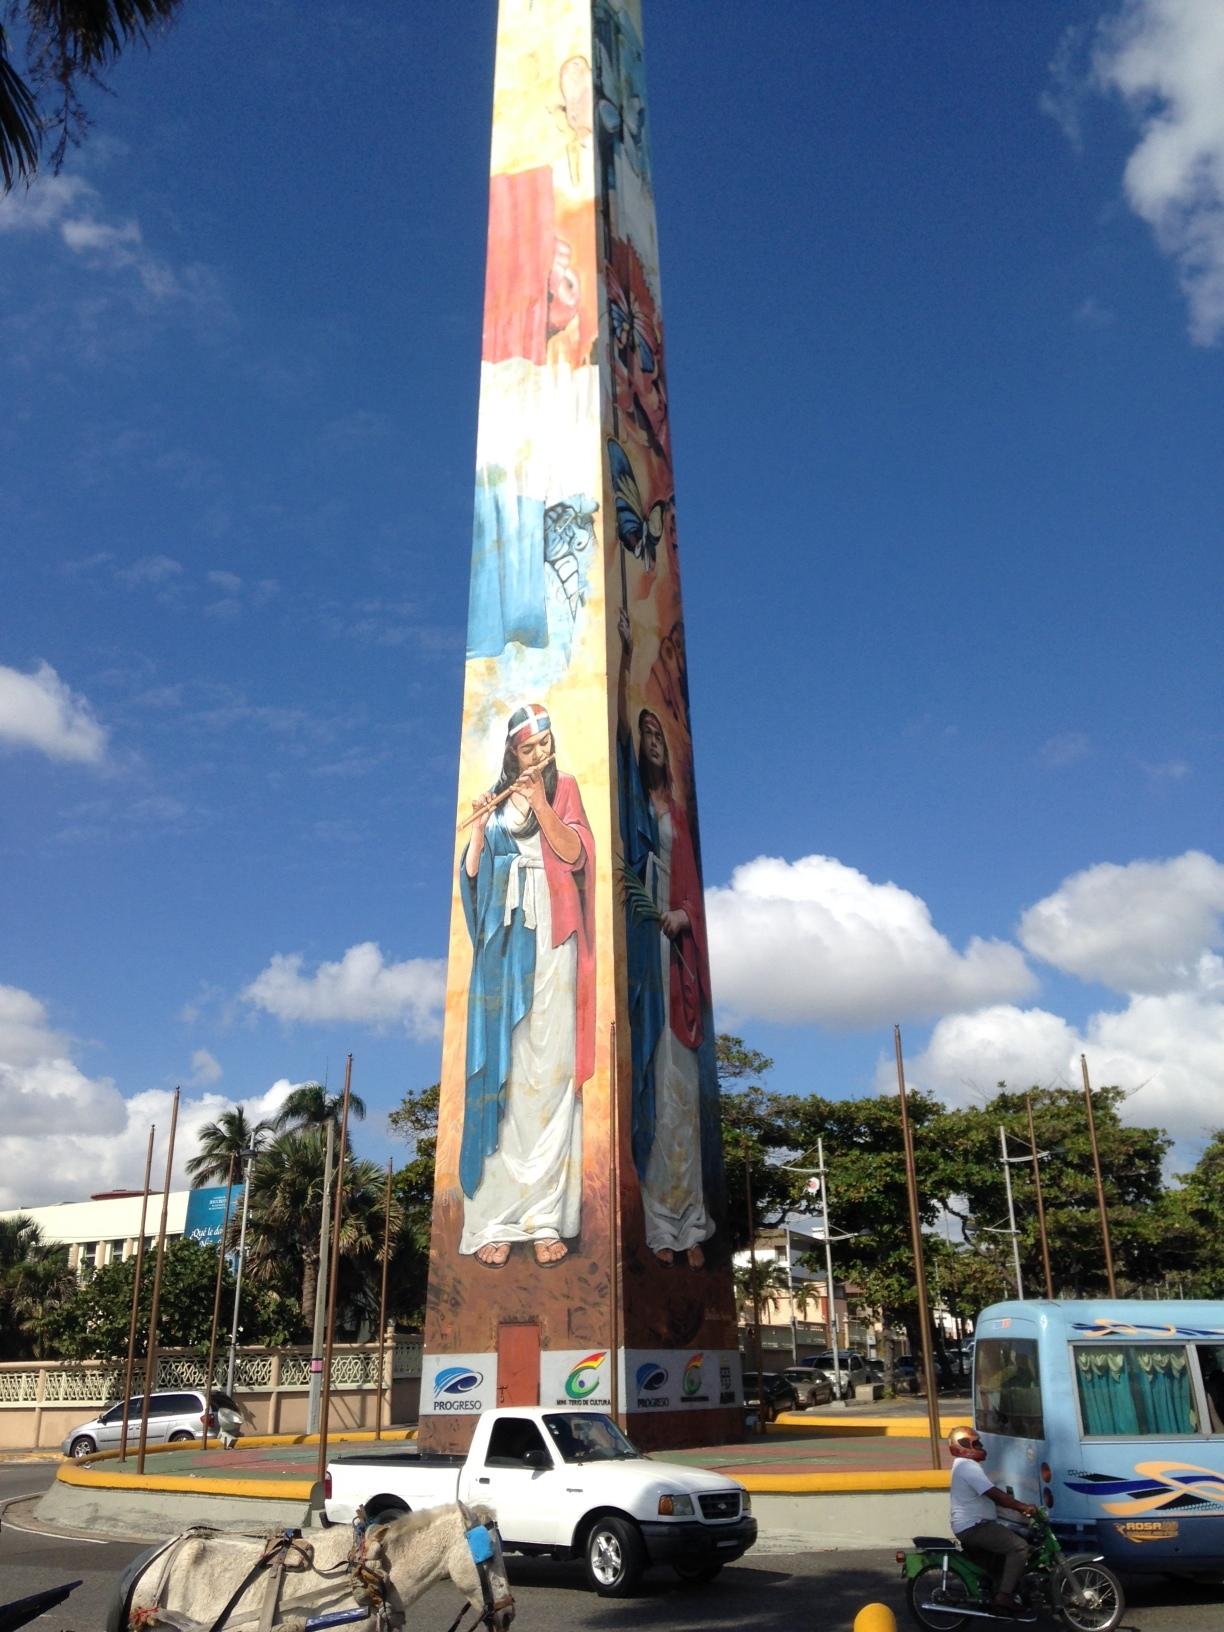 One of the obelisks in Santo Domingo's Malecón